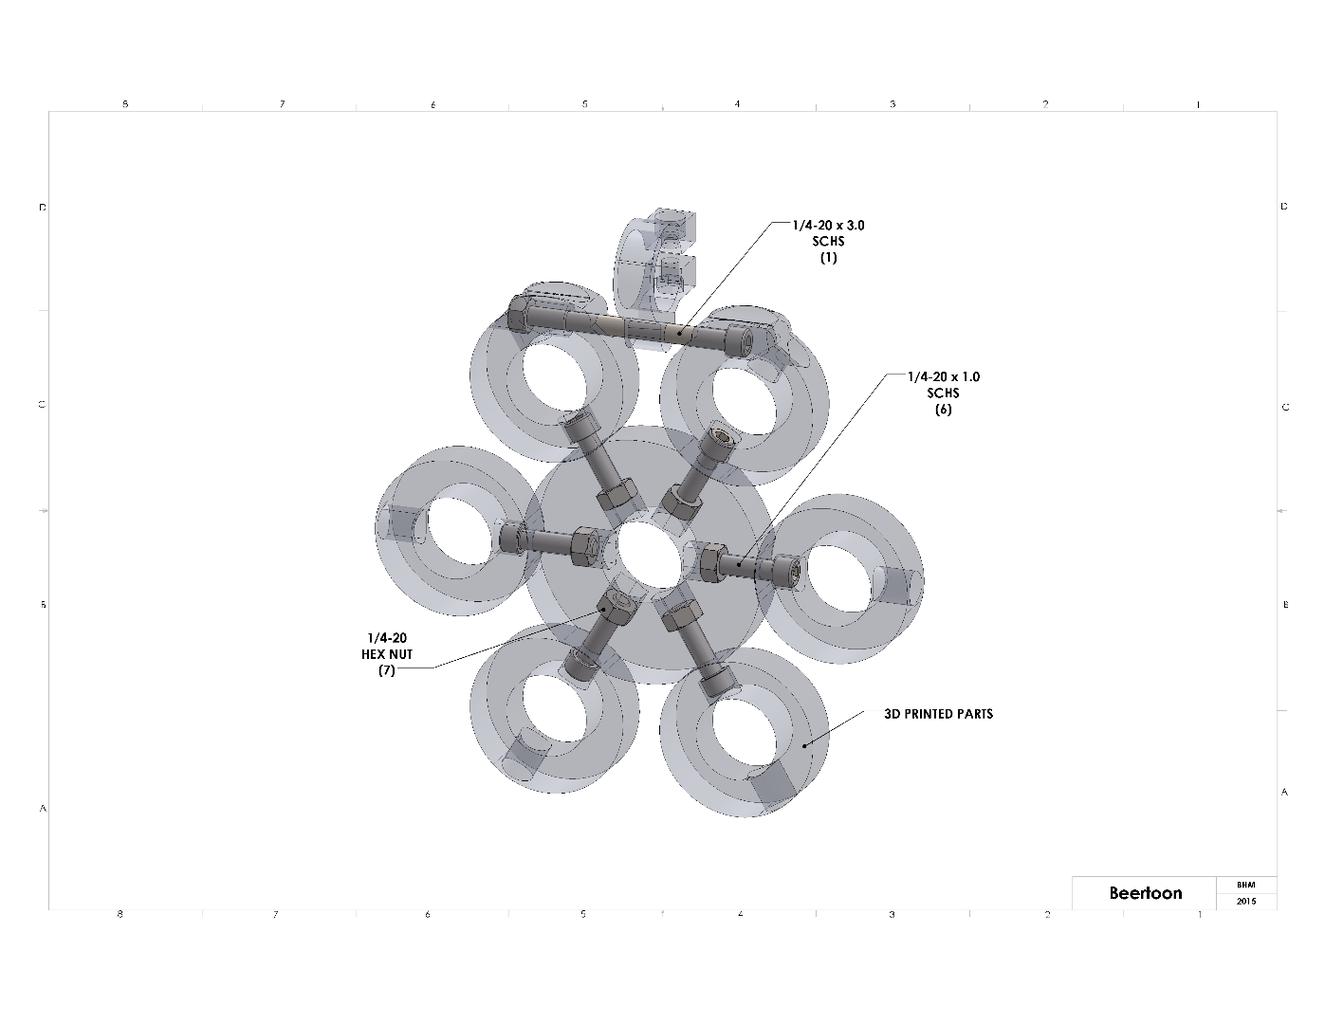 Assemble 3D Printed Parts